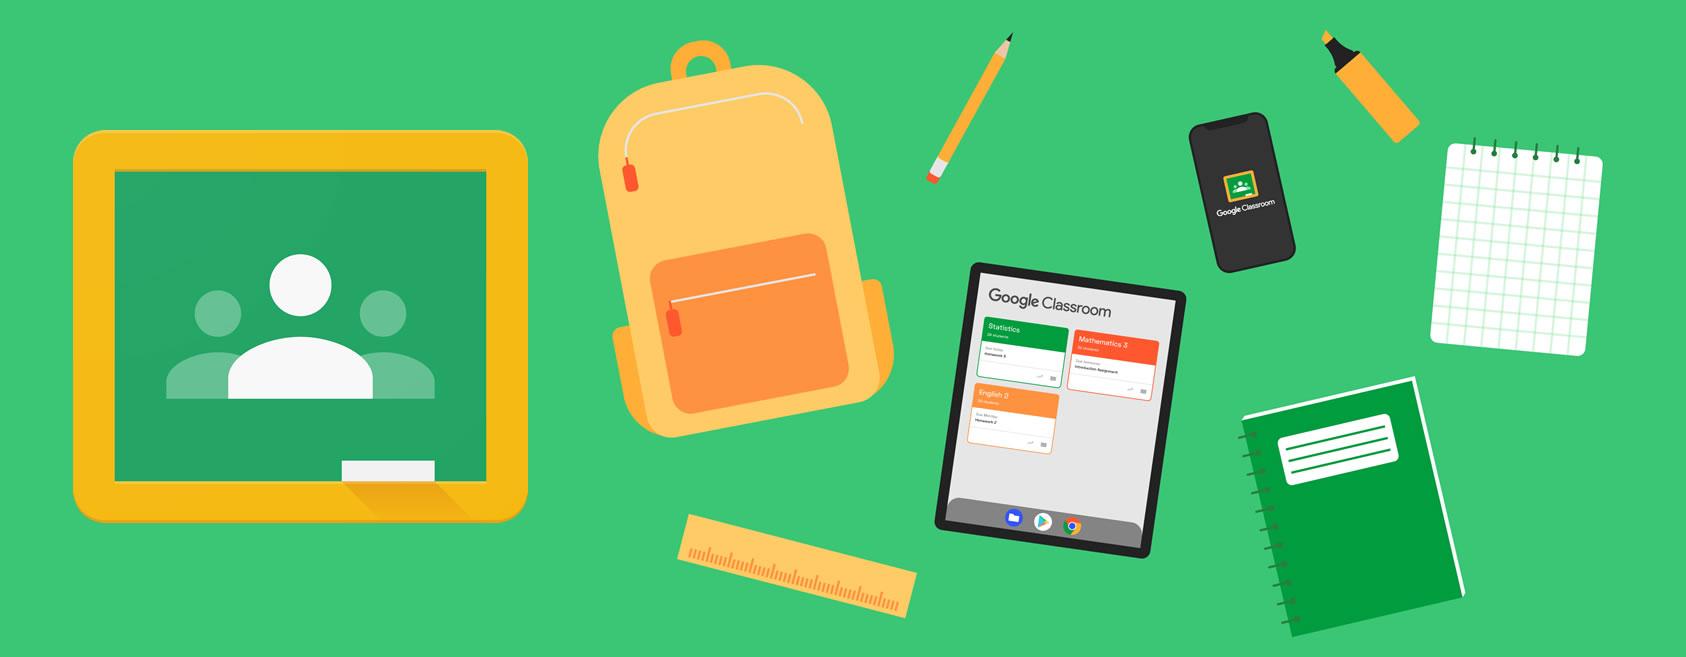 Integração com o Google Classroom